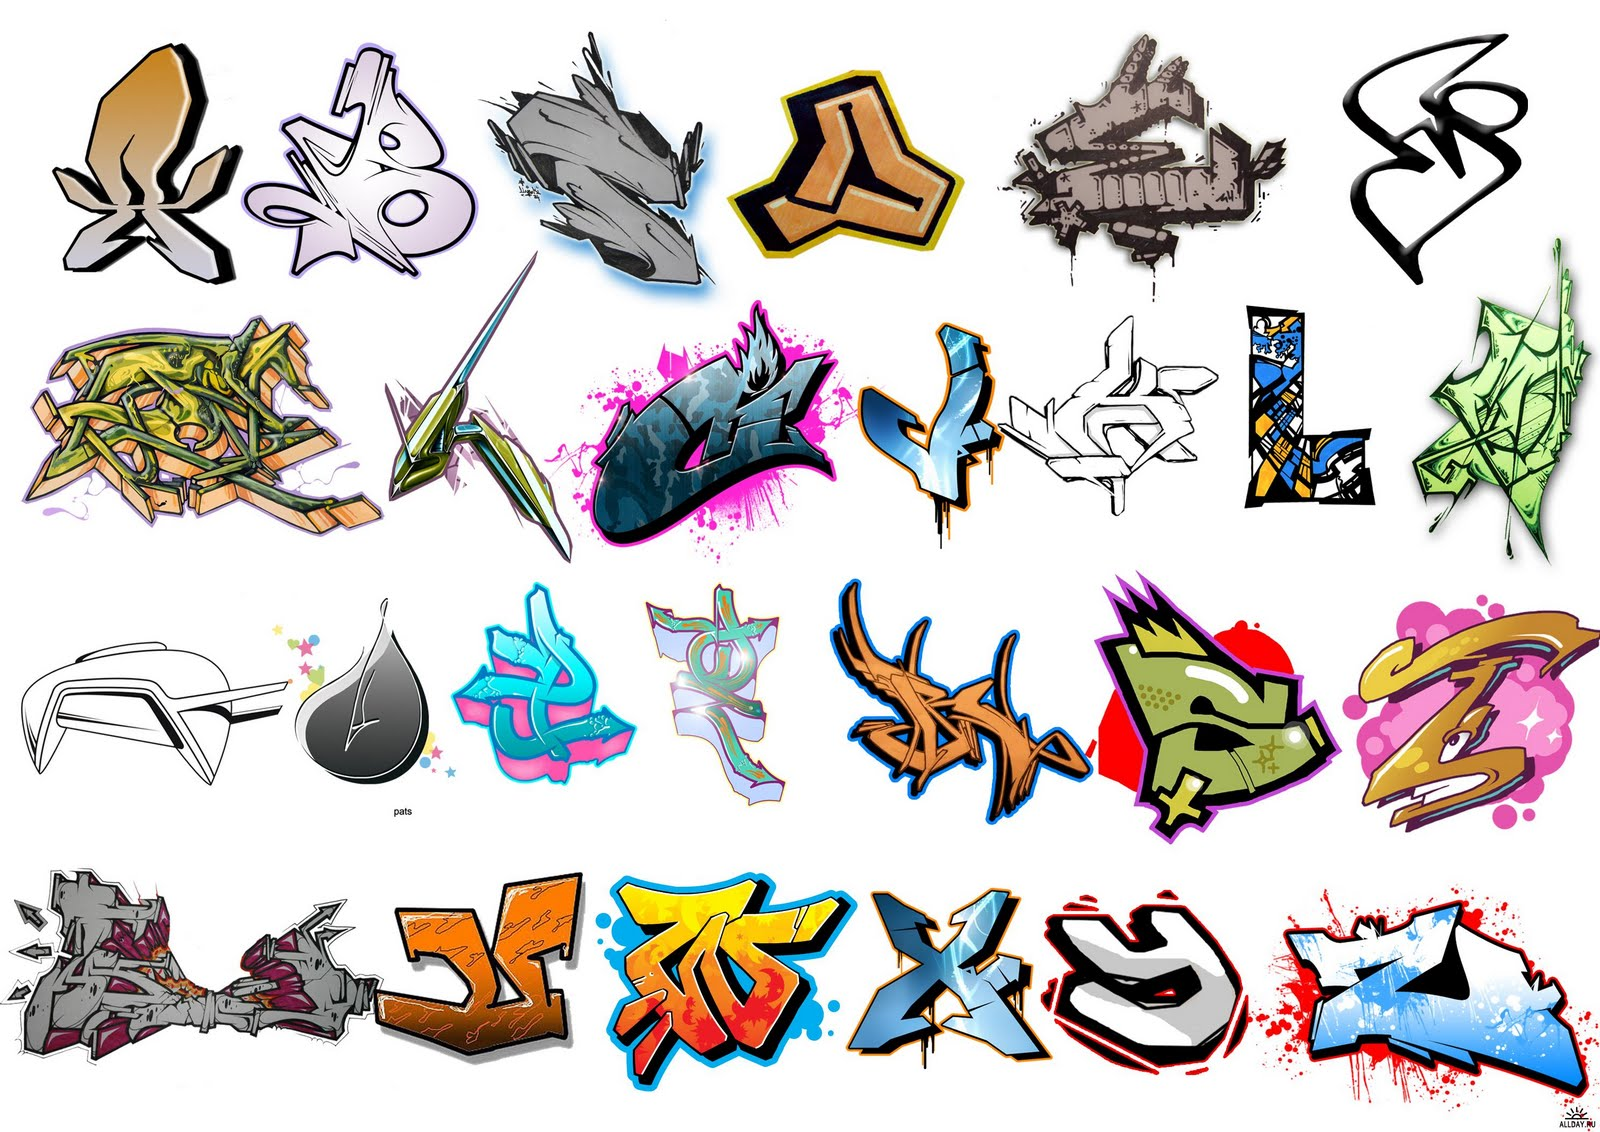 http://1.bp.blogspot.com/_36SFFFDlygA/S-tMZfWuFrI/AAAAAAAAGGI/v6gujyOVTOg/s1600/Graffiti%25252BAlphabet%25252BBrush%25252B%25252BLetters%25252BA-Z%25252Bby%25252BAdeptizm.jpg